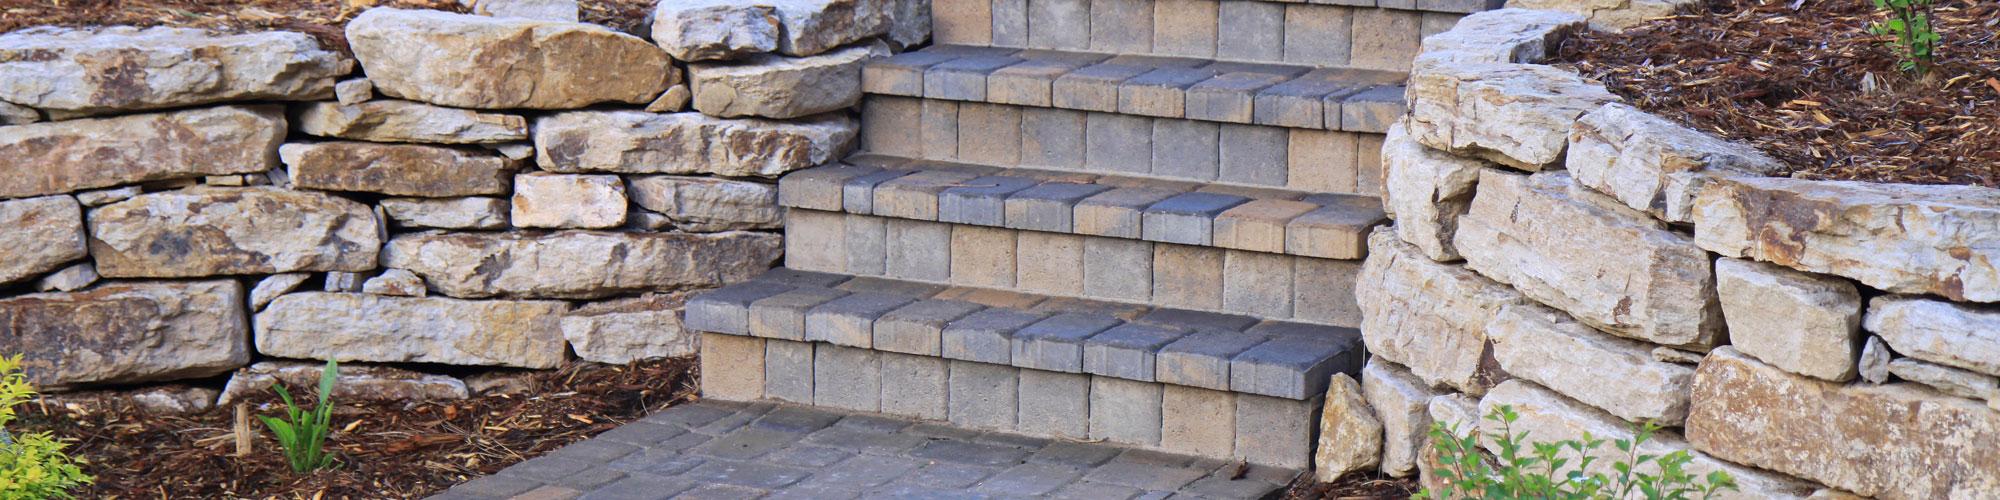 steps-landings